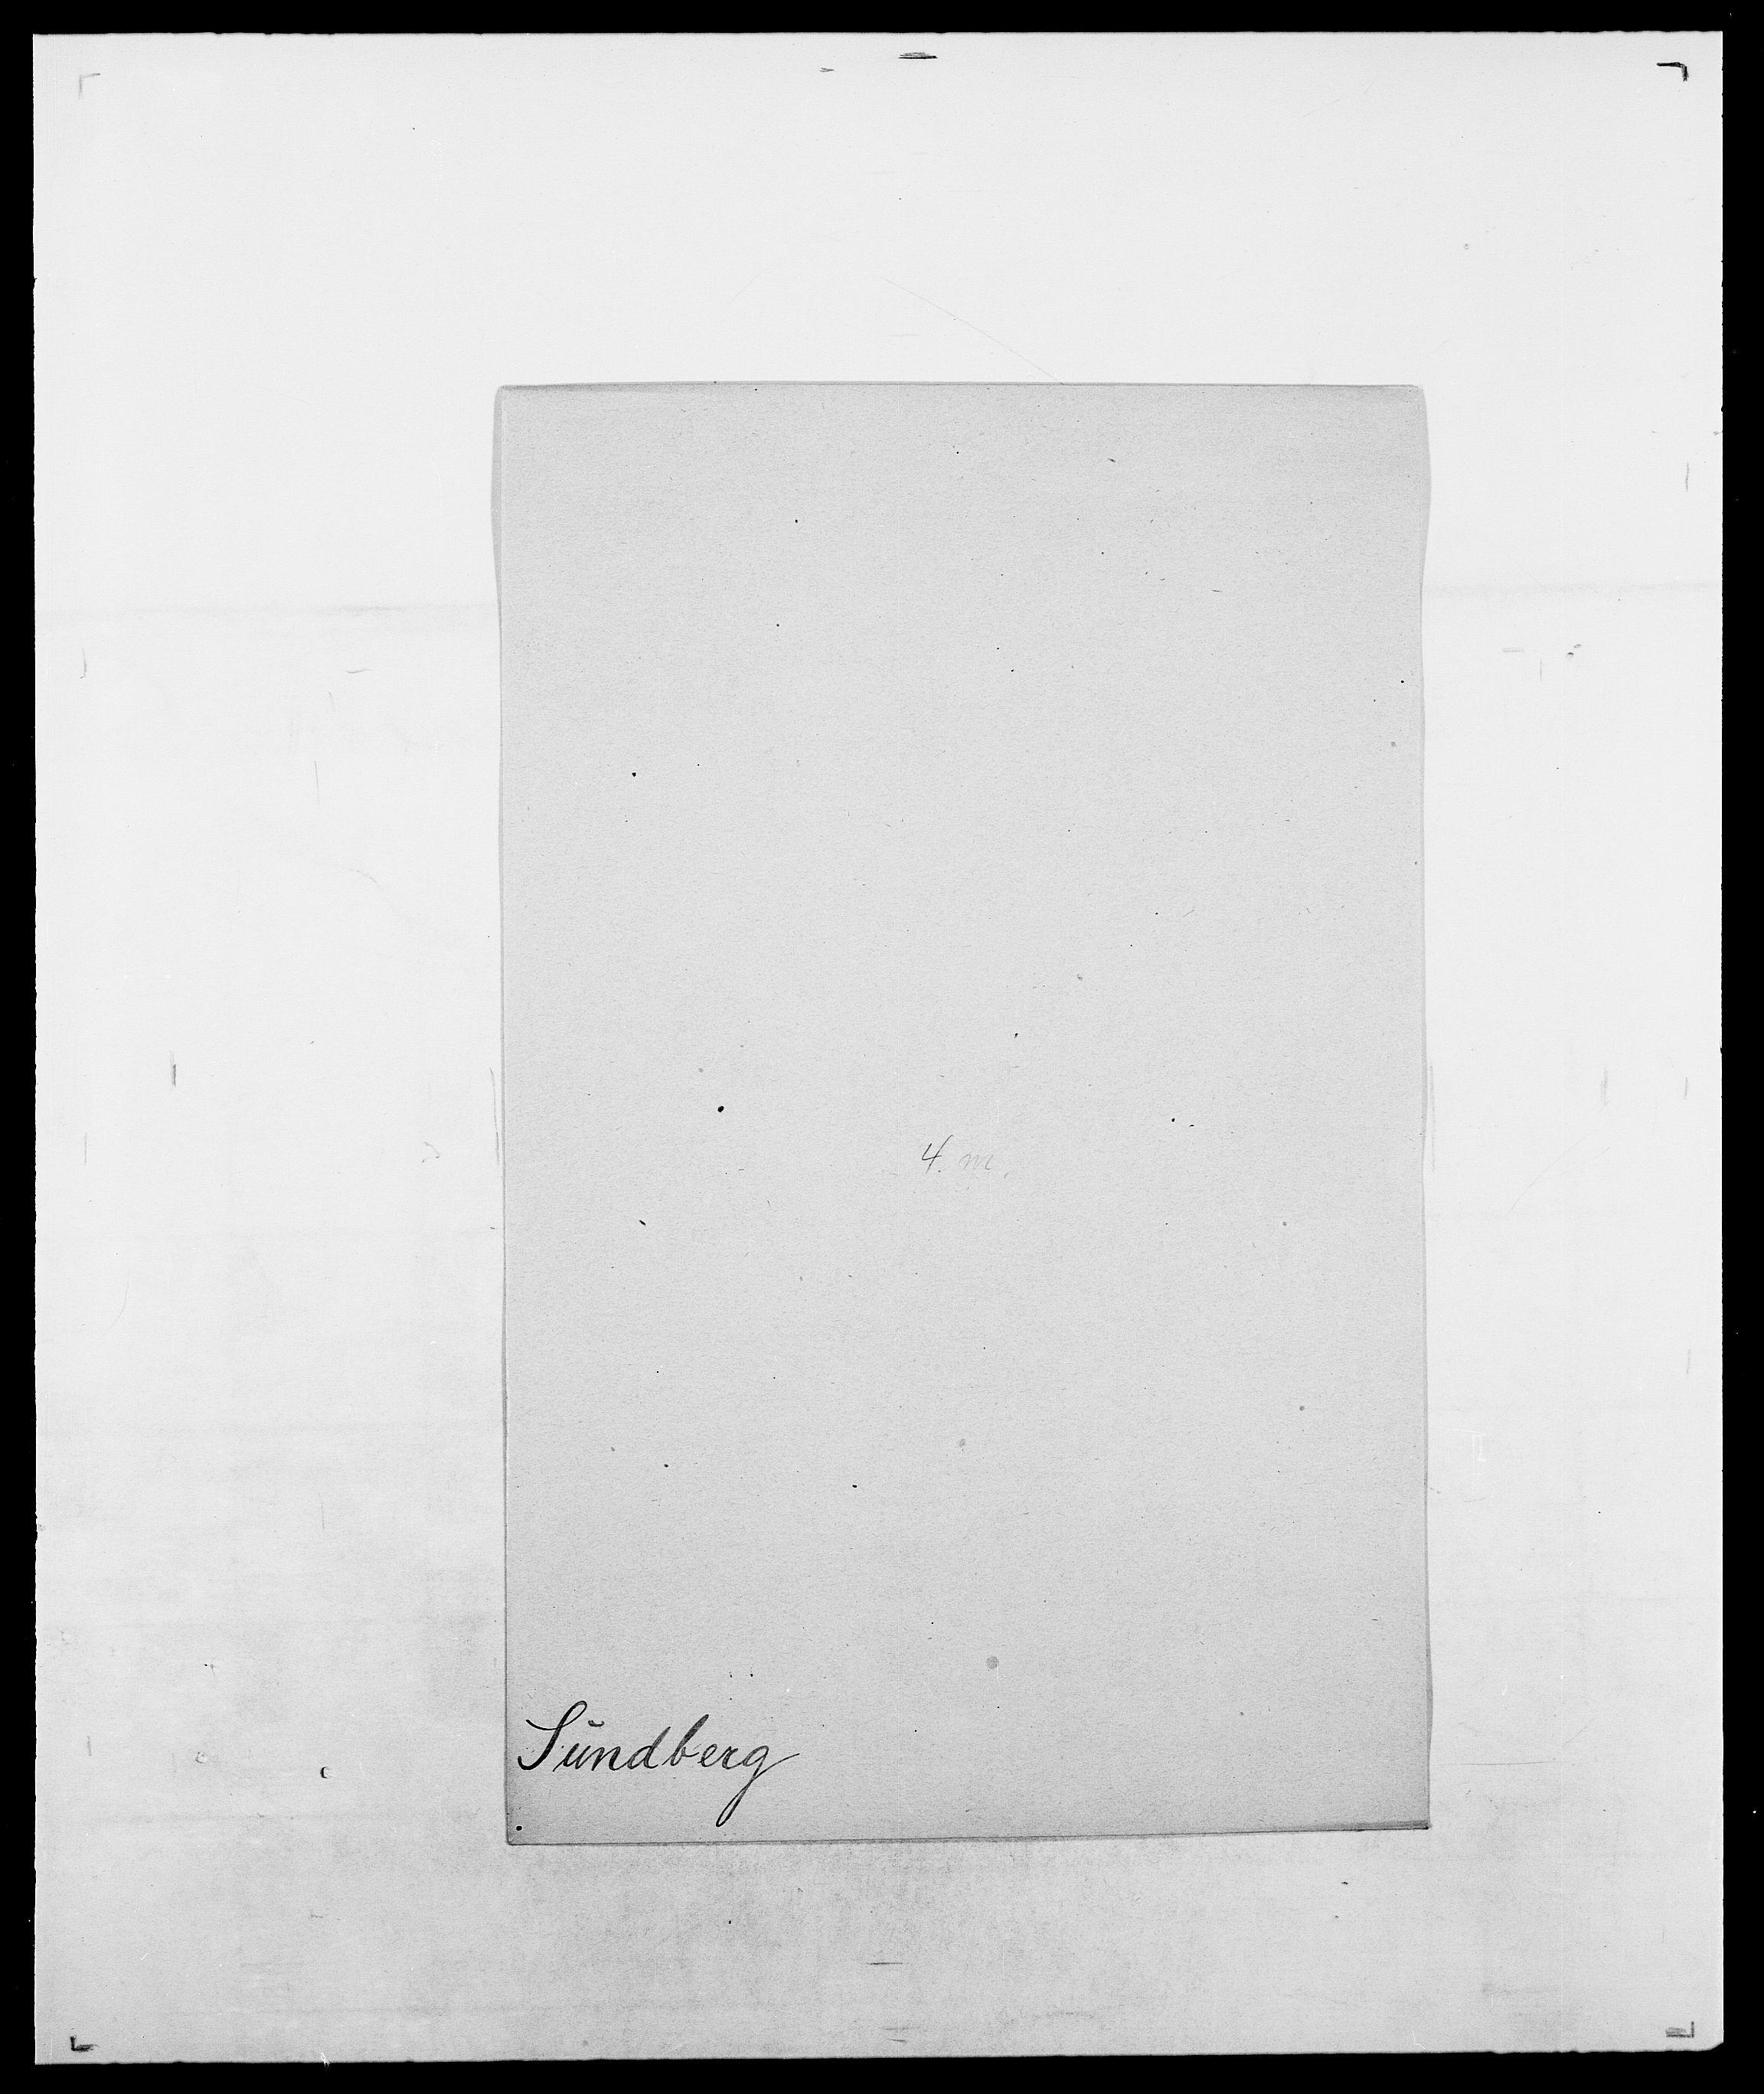 SAO, Delgobe, Charles Antoine - samling, D/Da/L0037: Steen, Sthen, Stein - Svare, Svanige, Svanne, se også Svanning og Schwane, s. 901